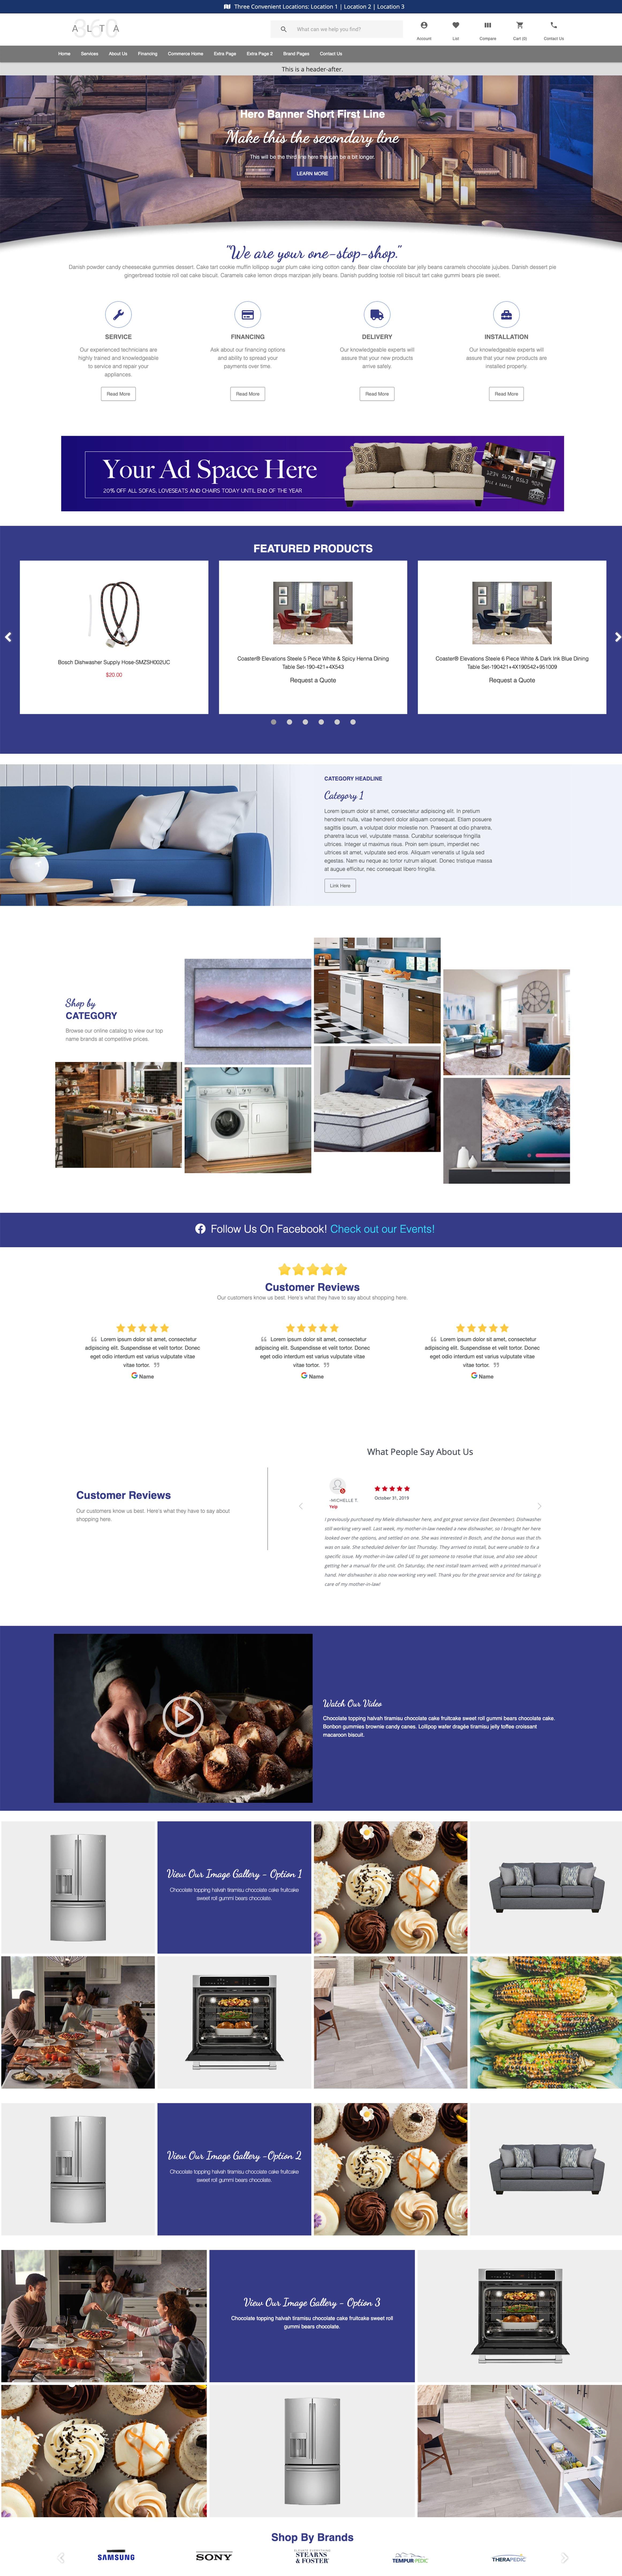 Website Themes - Alta 360 - Masonry